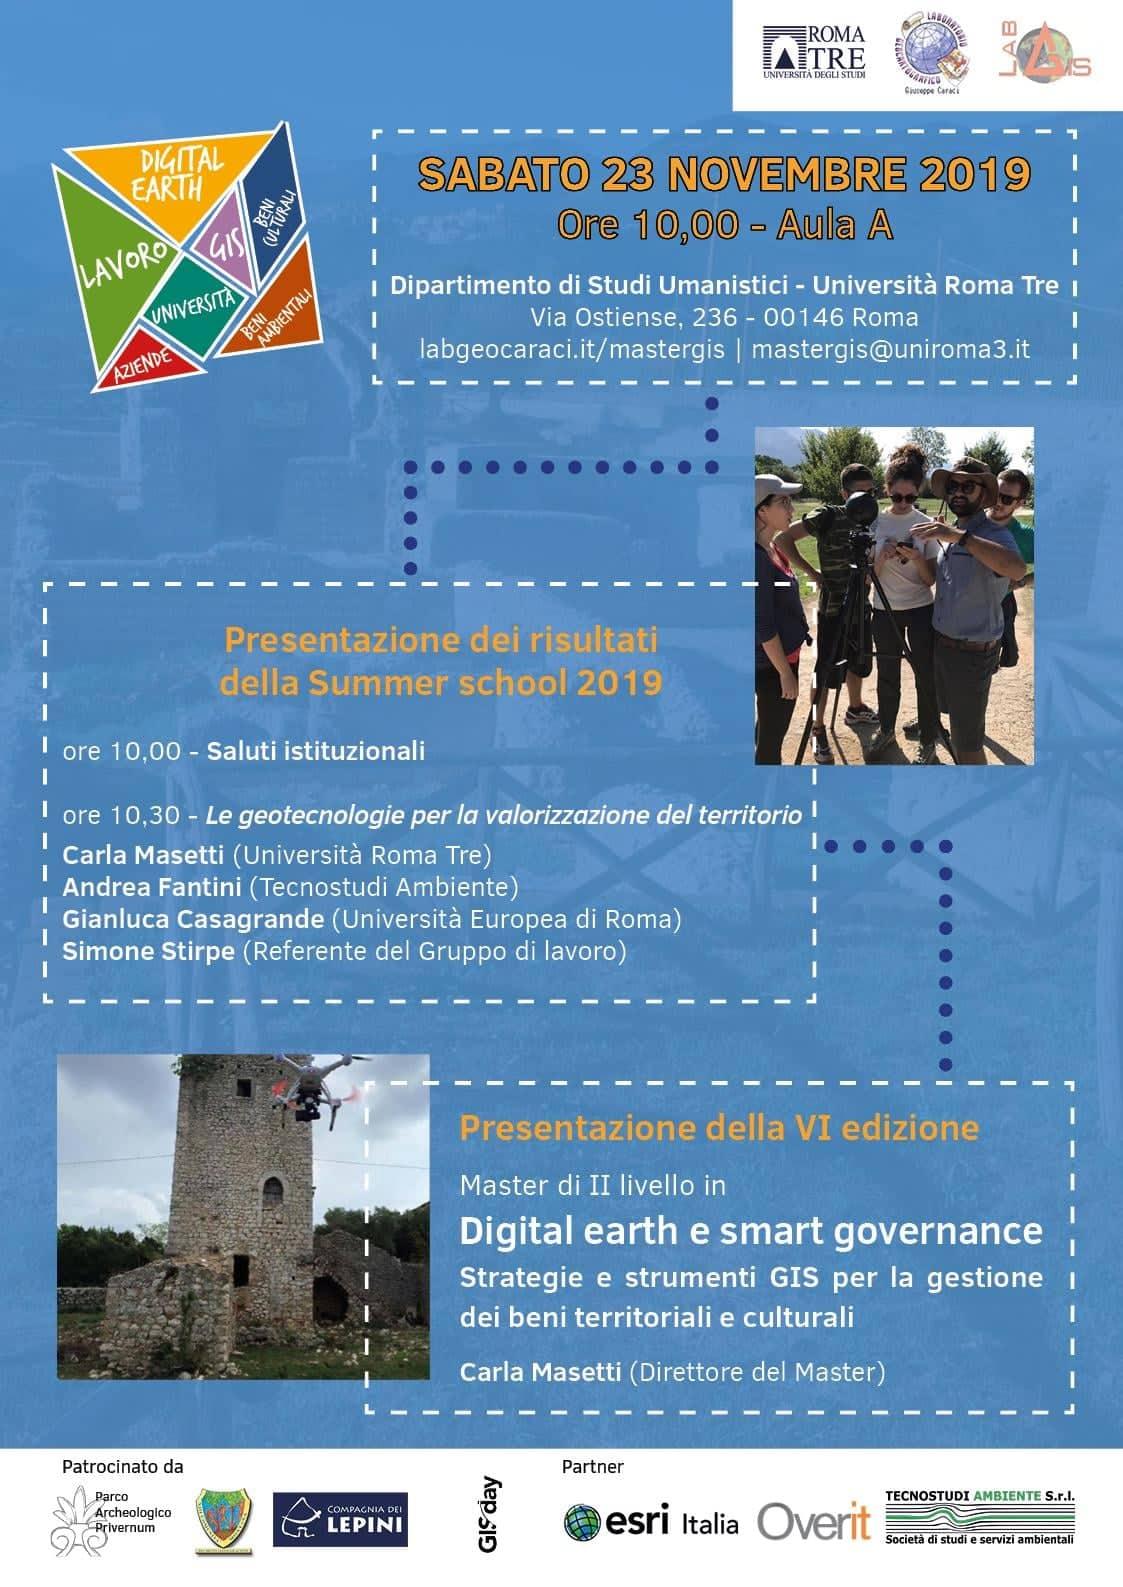 Roma: Presentazione della VI edizione del Digital Earth e smart governance e dei risultati della Summer school 2019 @ Università degli studi di Roma Tre- Dipartimento umanistico   Roma   Lazio   Italia